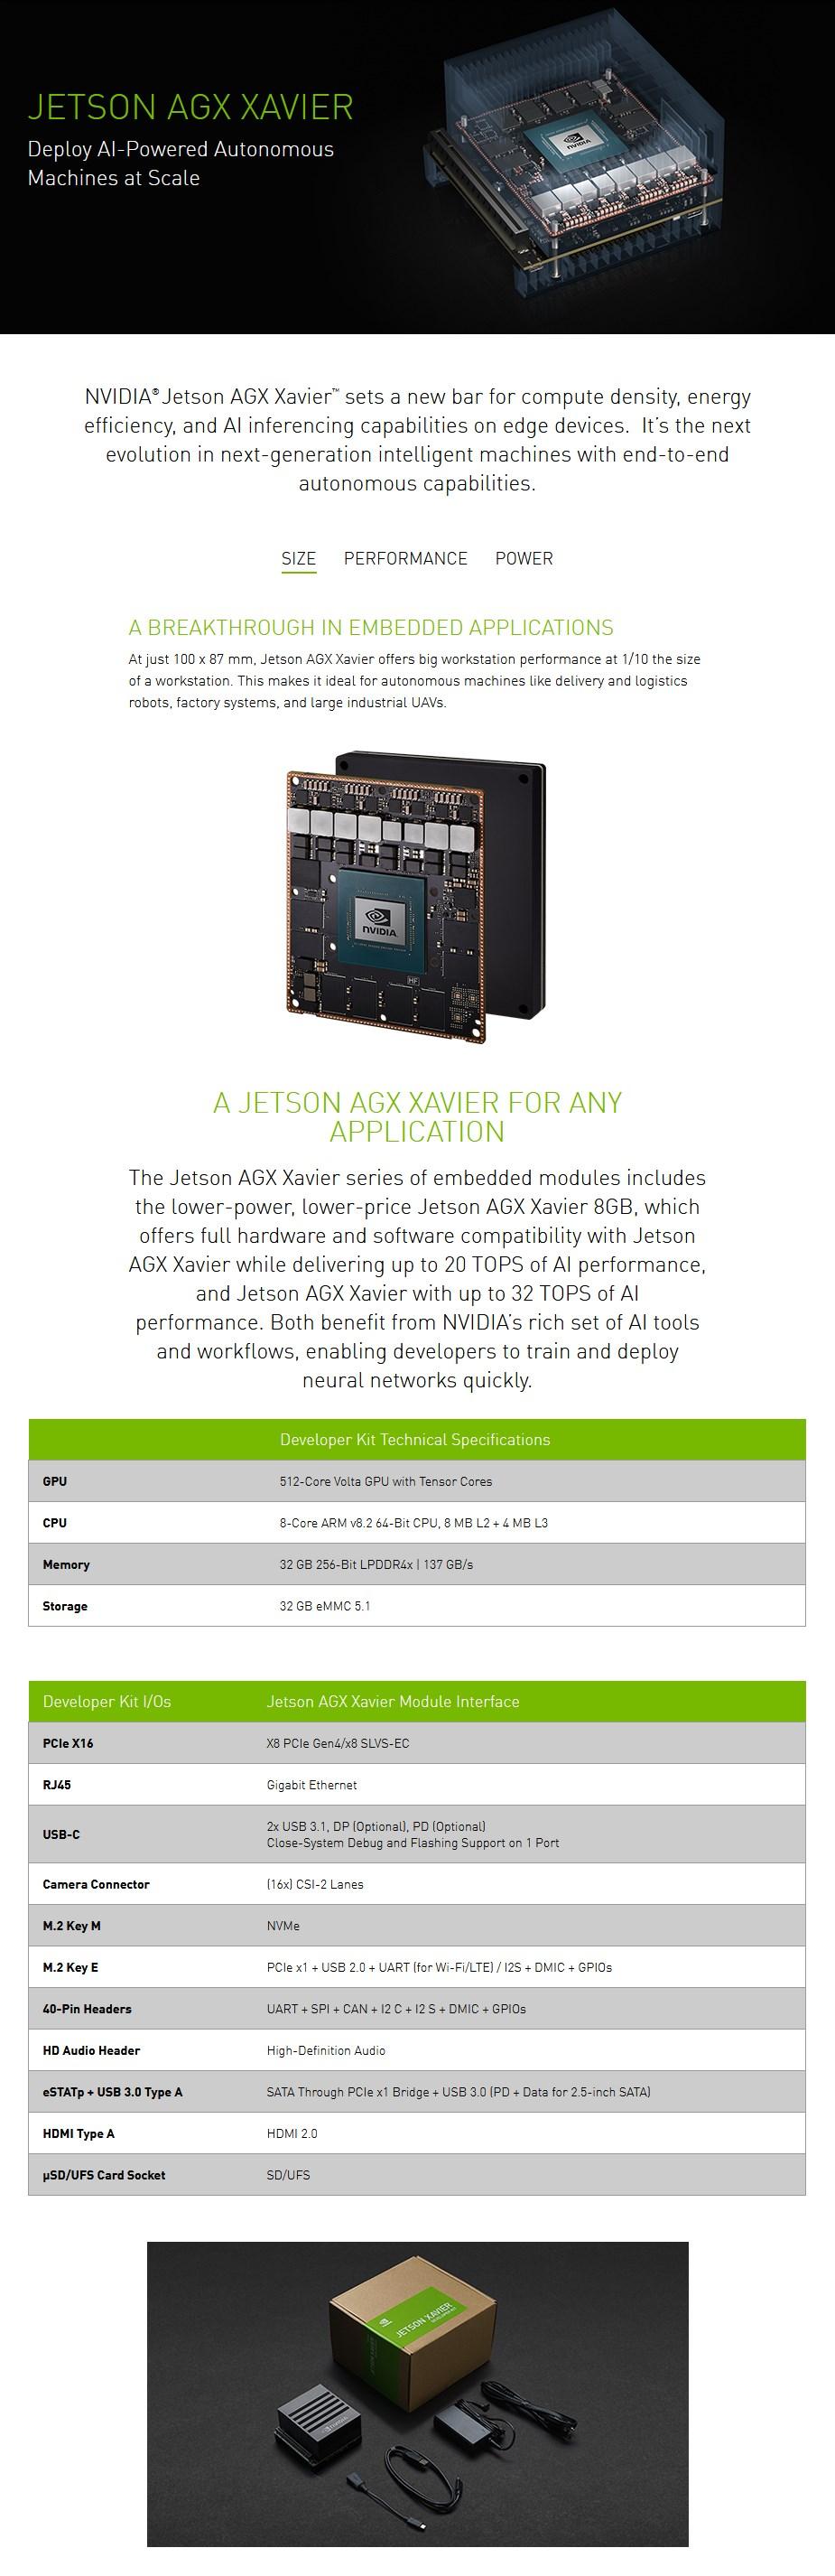 Nvidia Jetson AGX Xavier Developer Kit - Overview 1